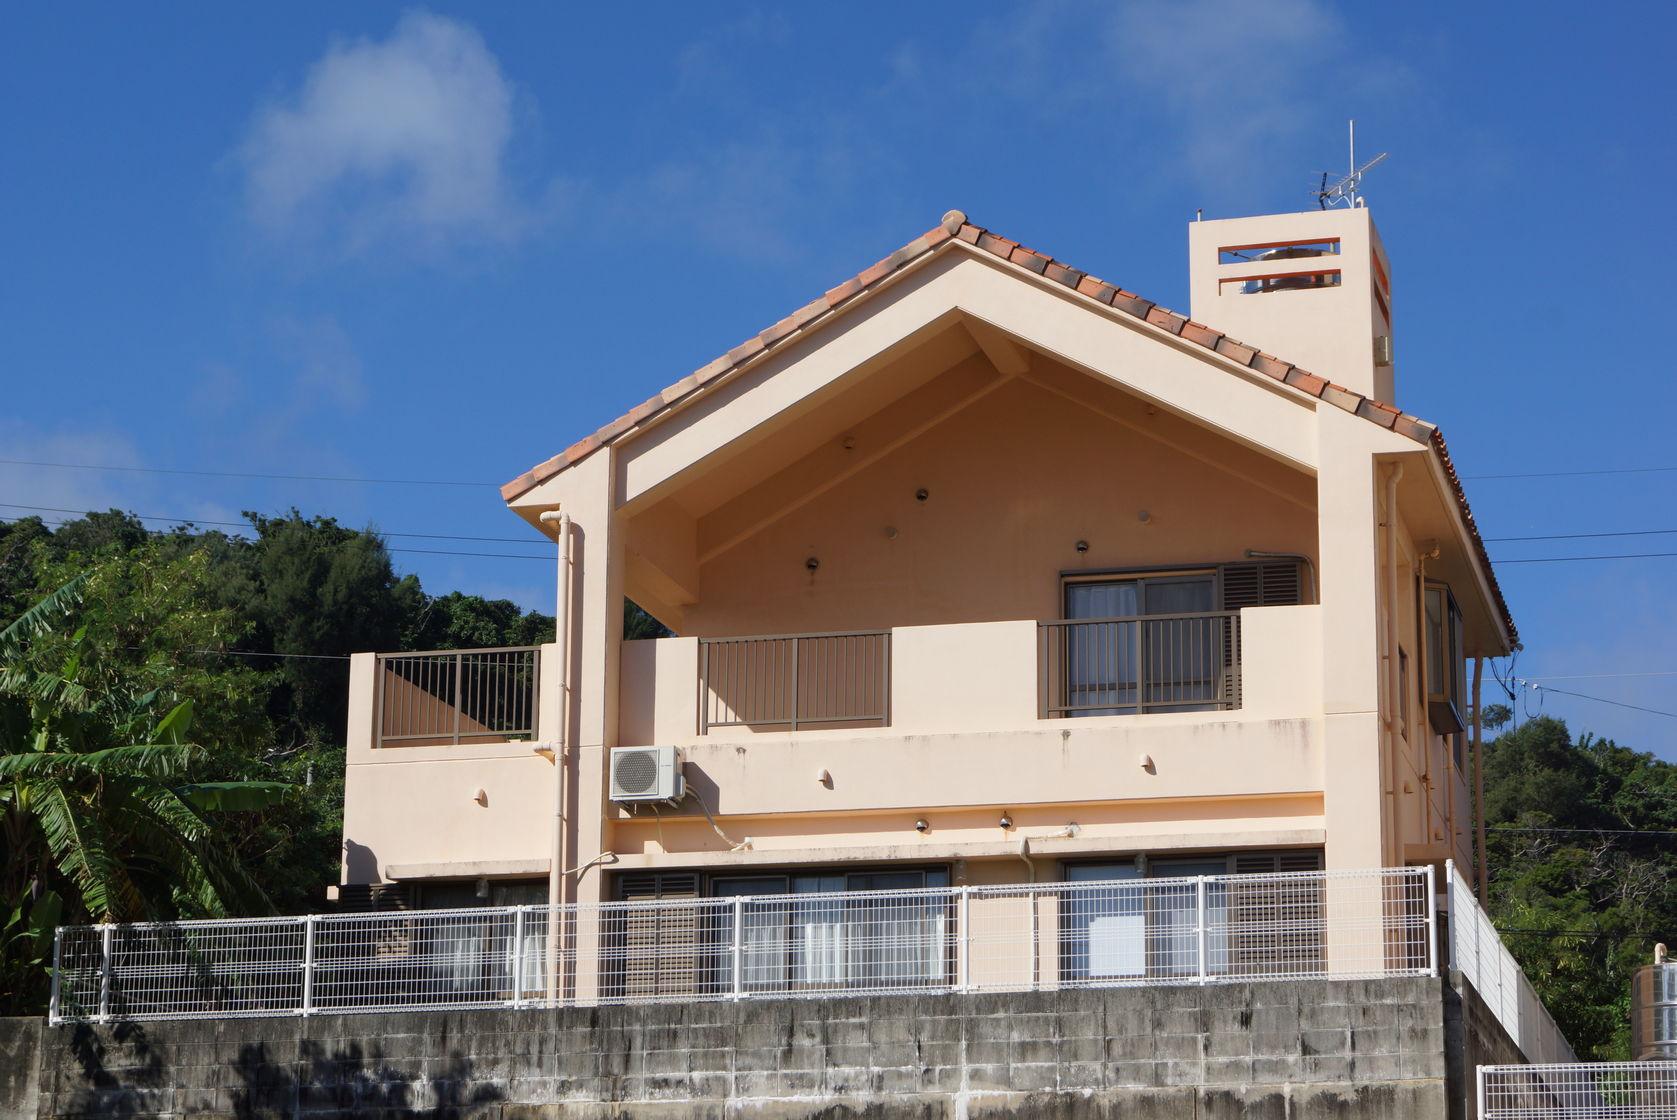 沖縄・うるまの4LDK、最大11名まで宿泊できる広々としたプライベートなお家です。